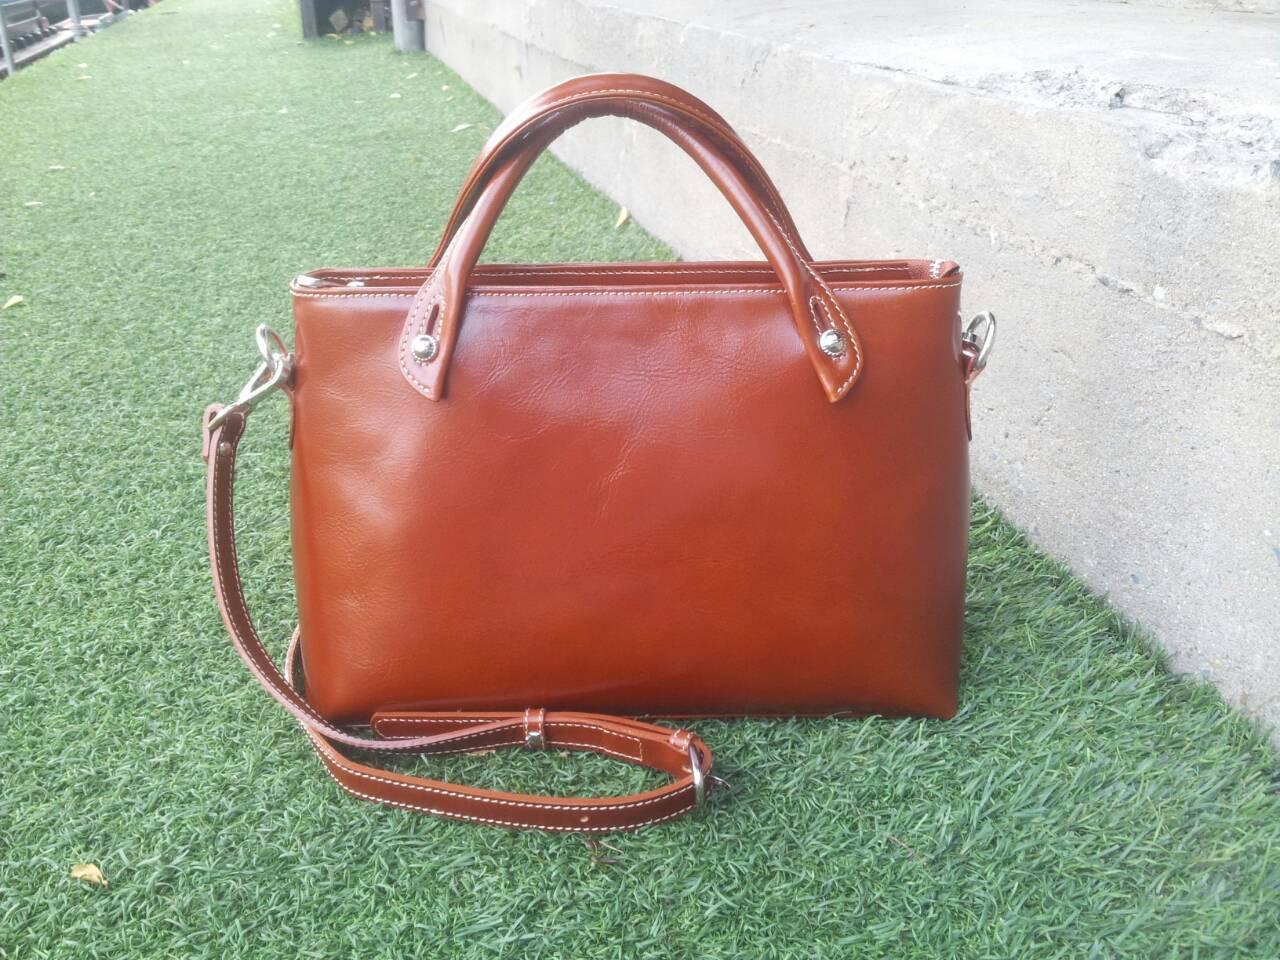 กระเป๋าสะพายรุ่น Anna สีแทน